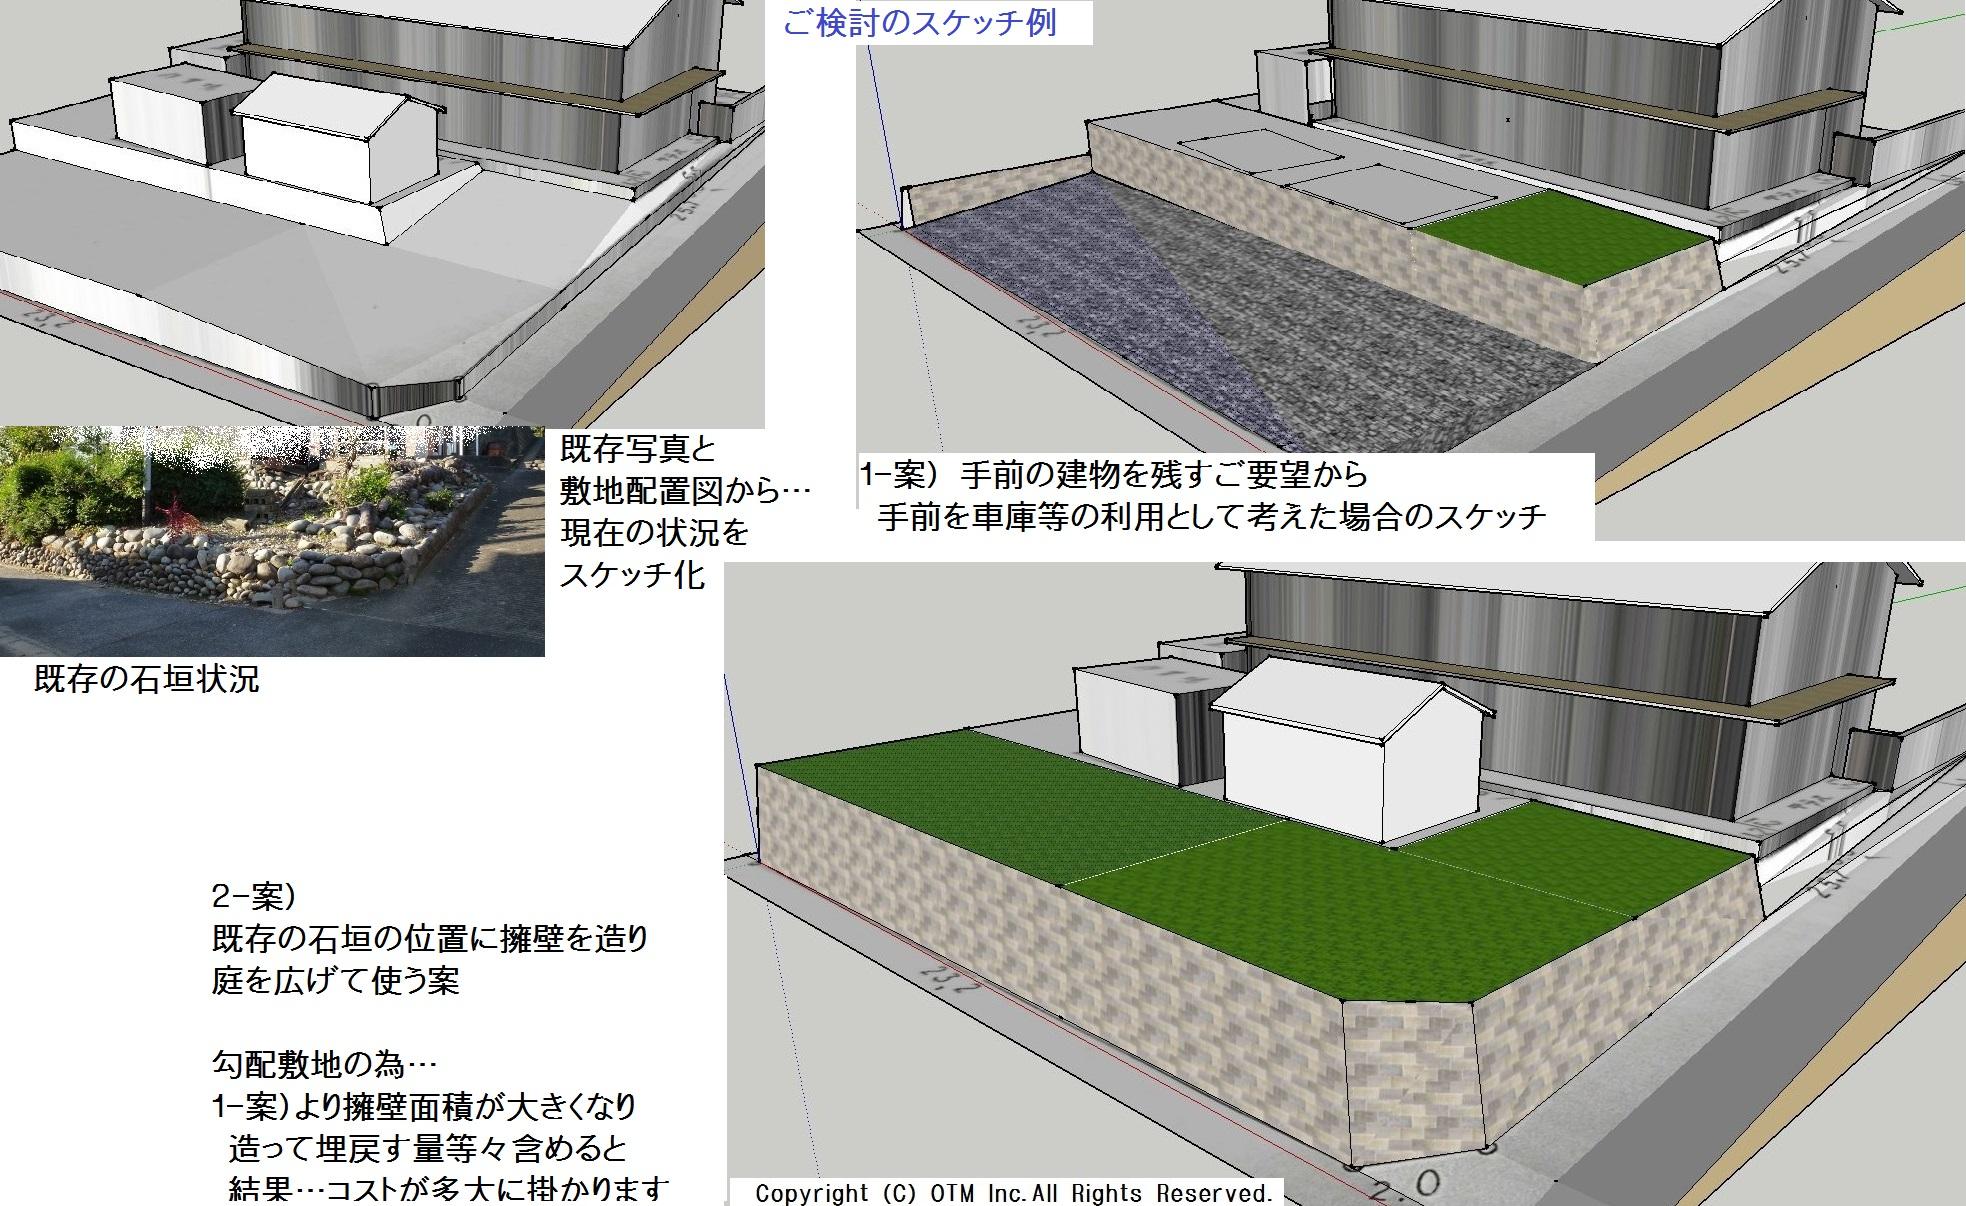 設置する擁壁形状をイメージで検討